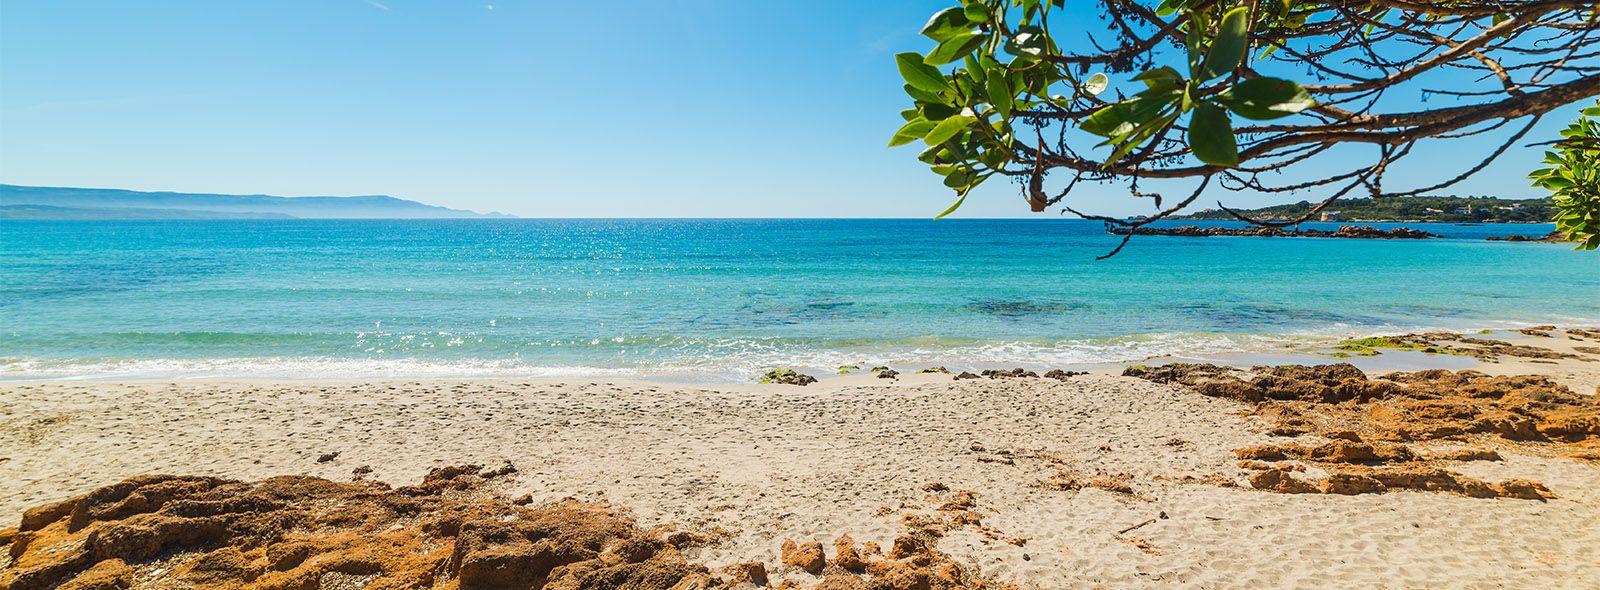 Dove si trova la spiaggia Lazzaretto?